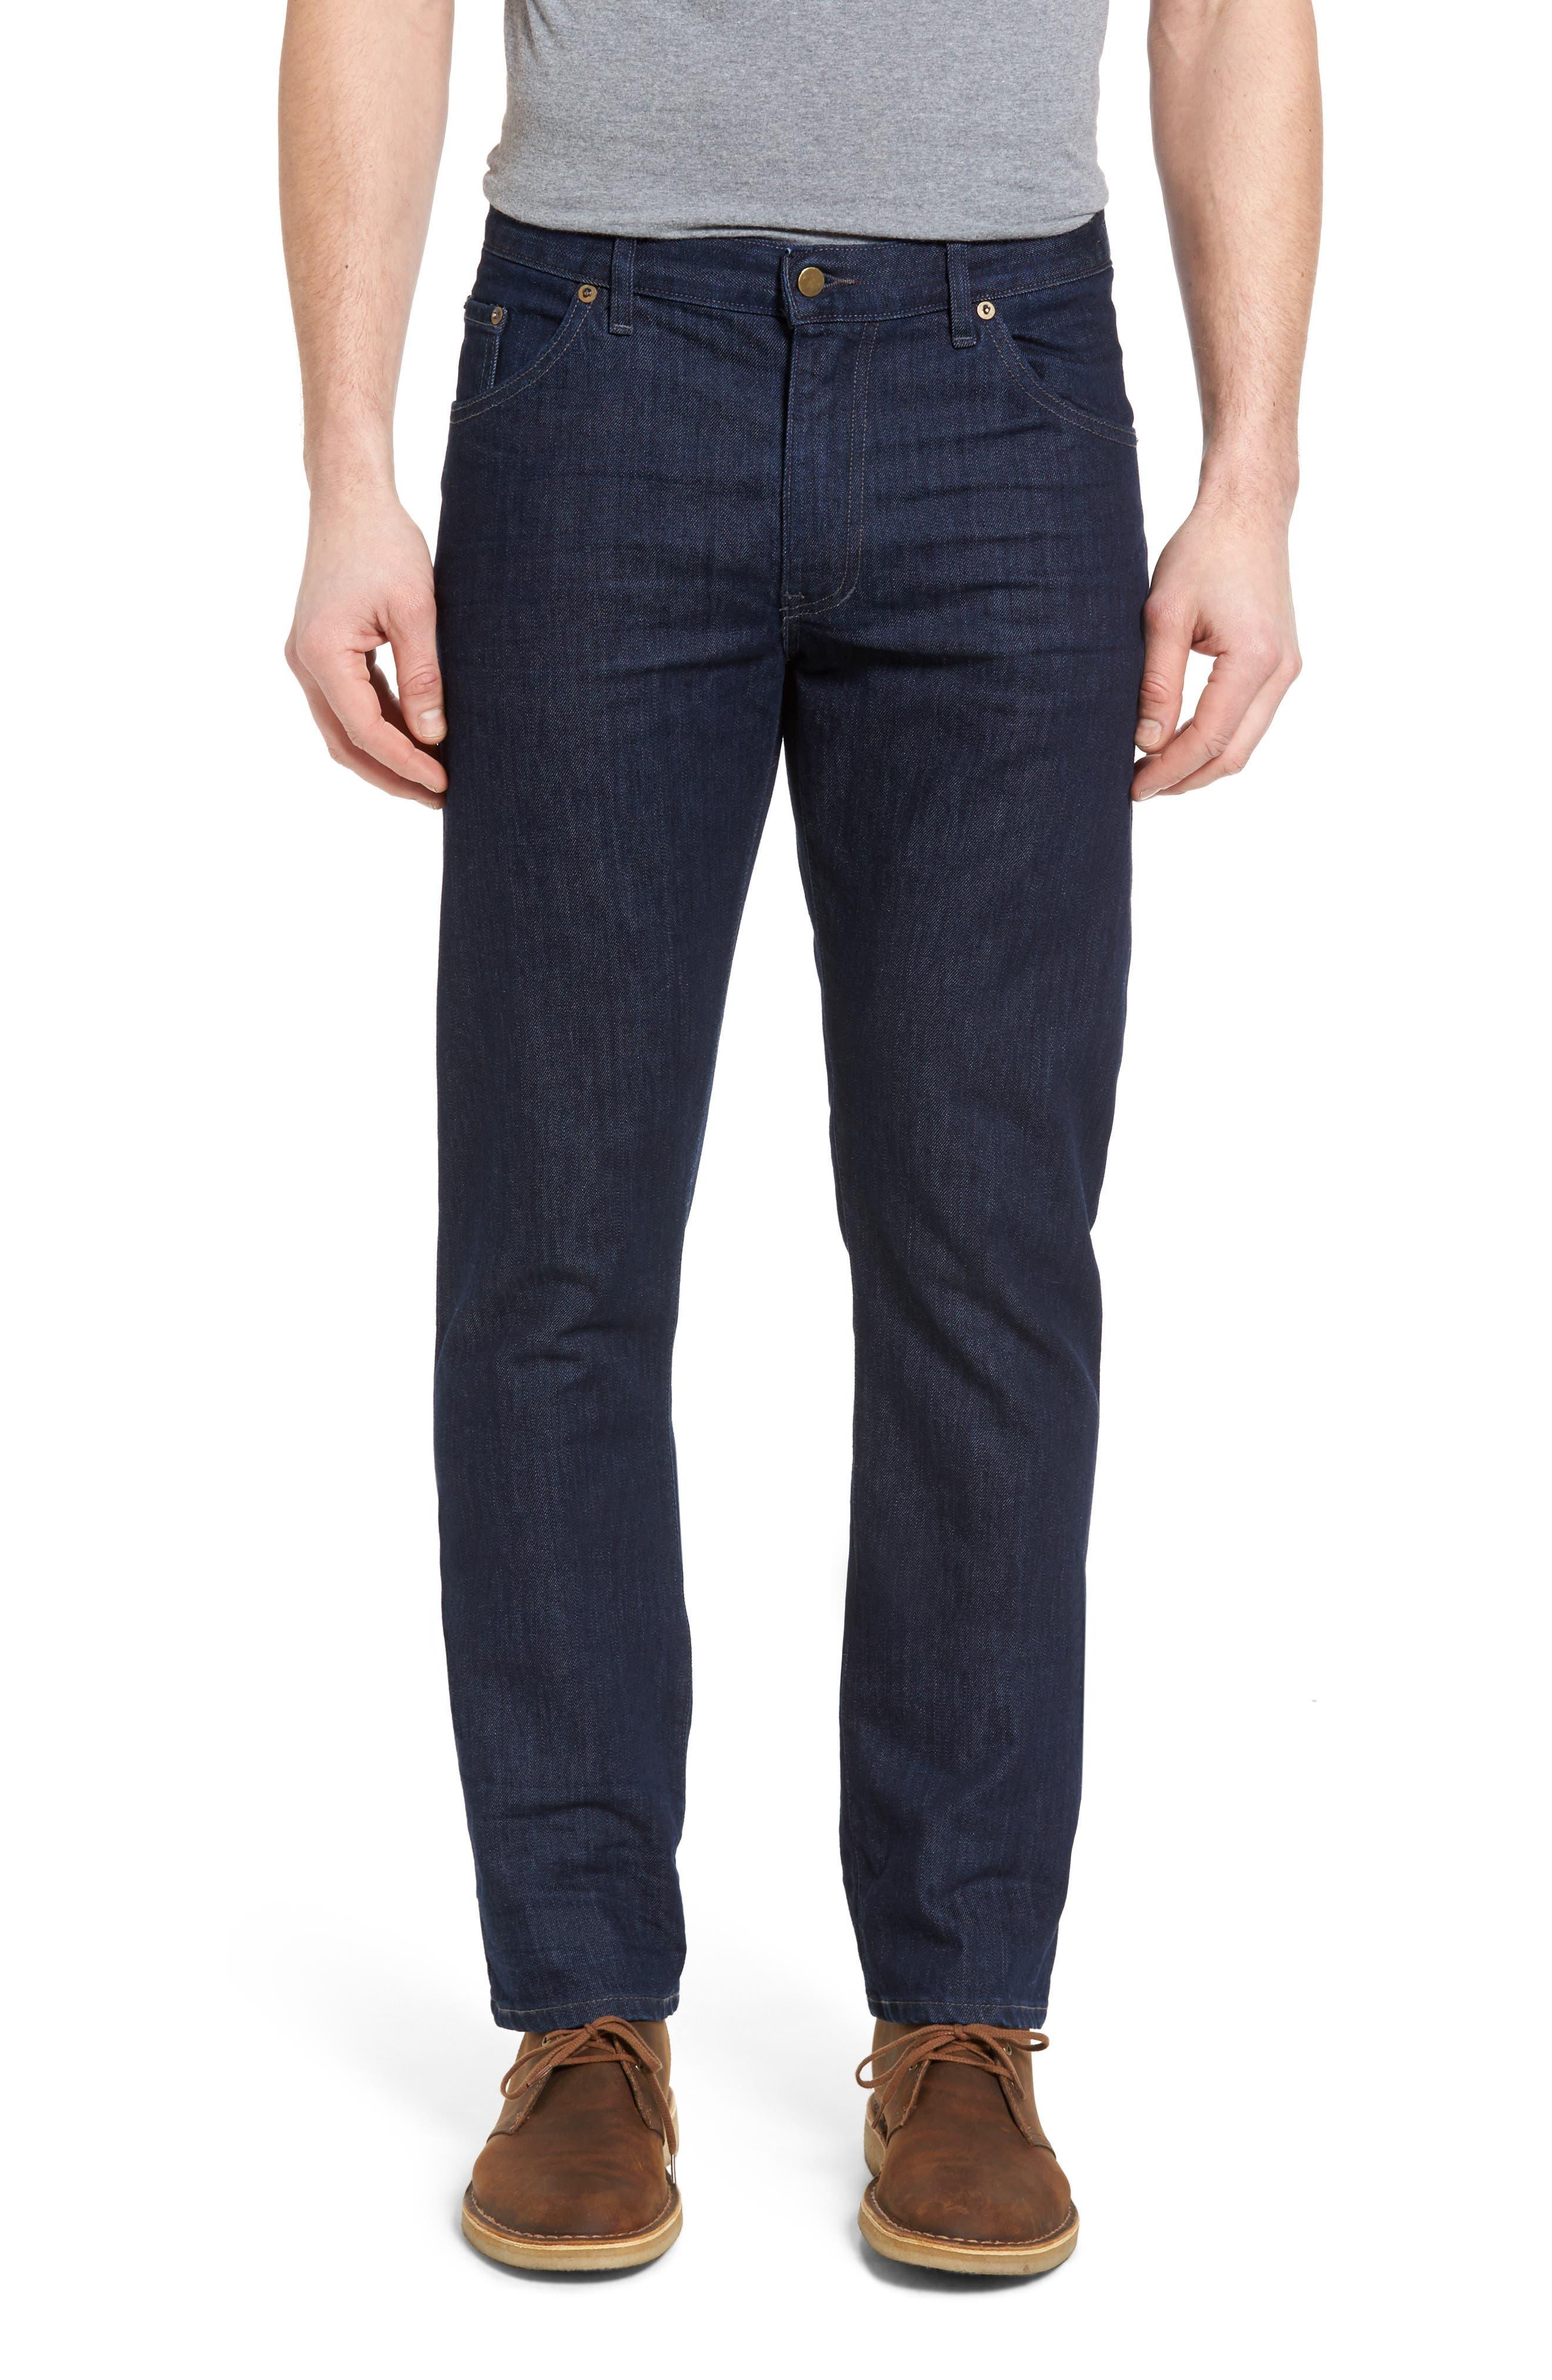 Jones Slim Fit Jeans,                             Main thumbnail 1, color,                             418